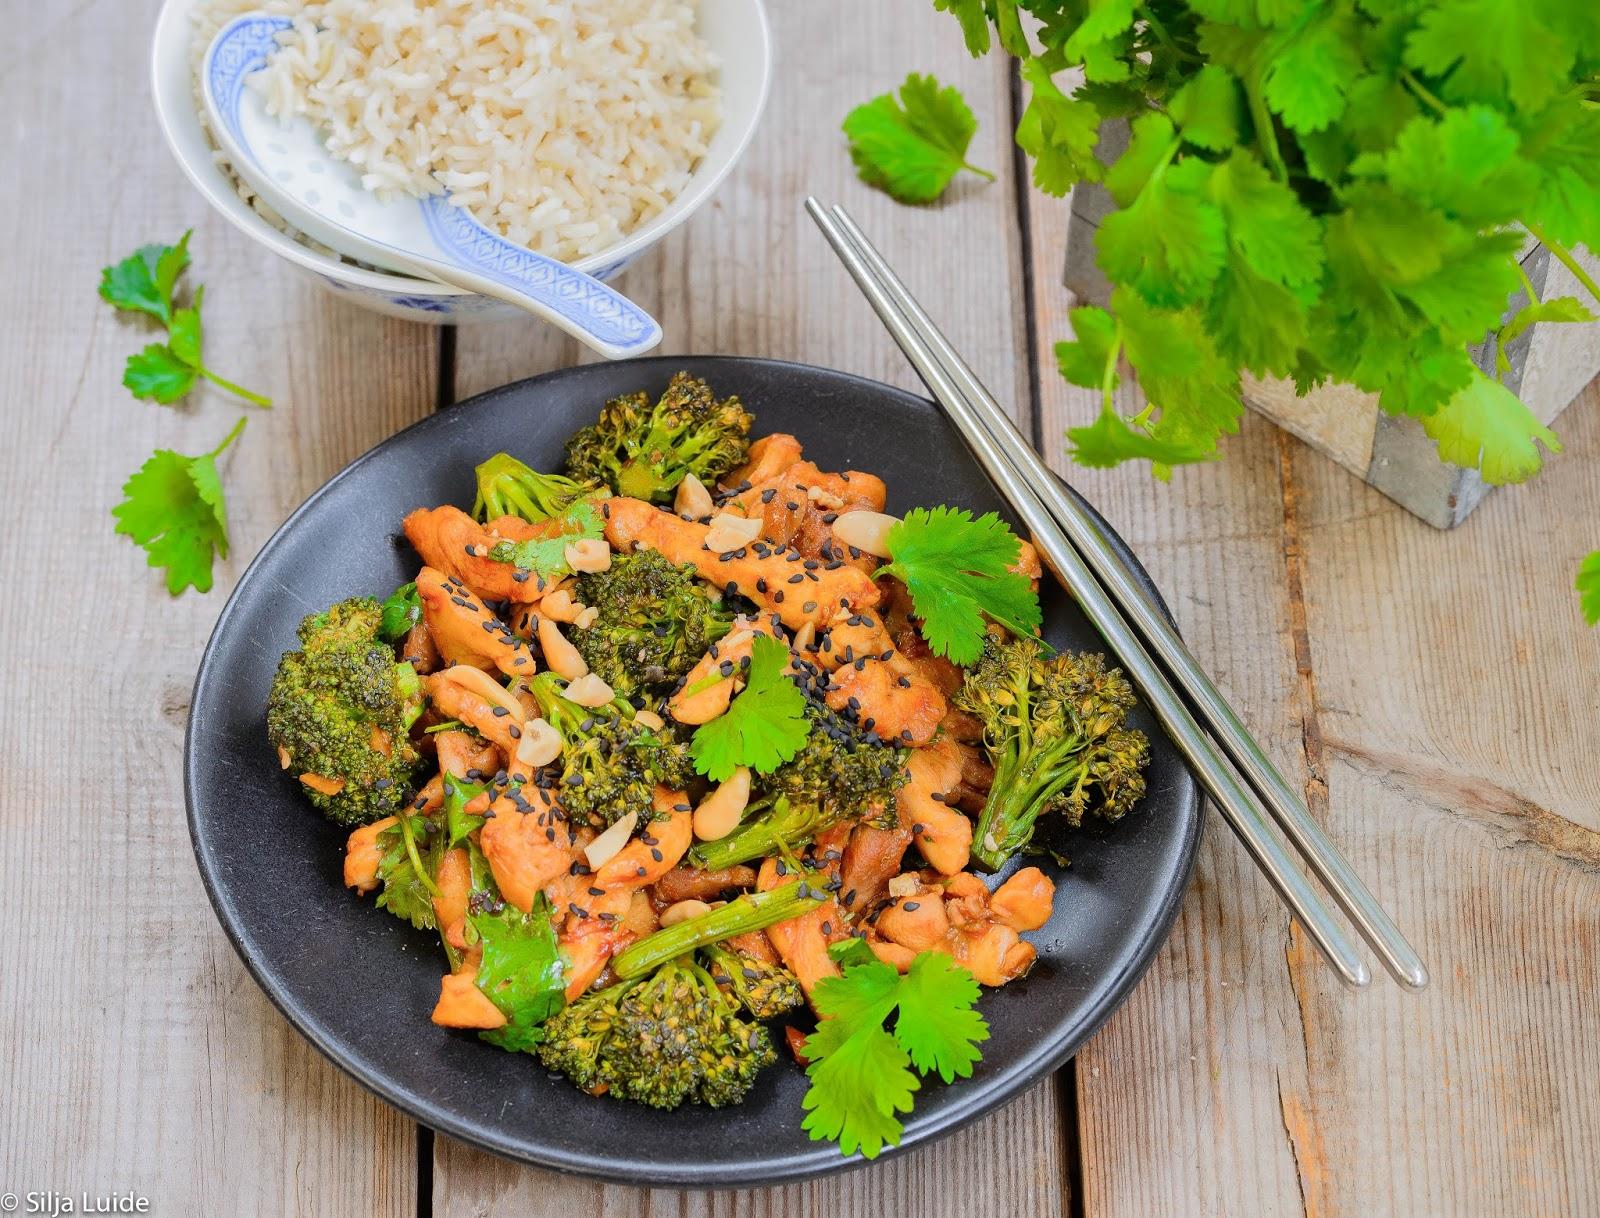 c956f502667 Kirjutasin paar nädalat tagasi Laupäevaleht LP-s brokolist ja selle  suhteliselt uuest ristandist broccolini'st ning jagasin ka paari retsepti.